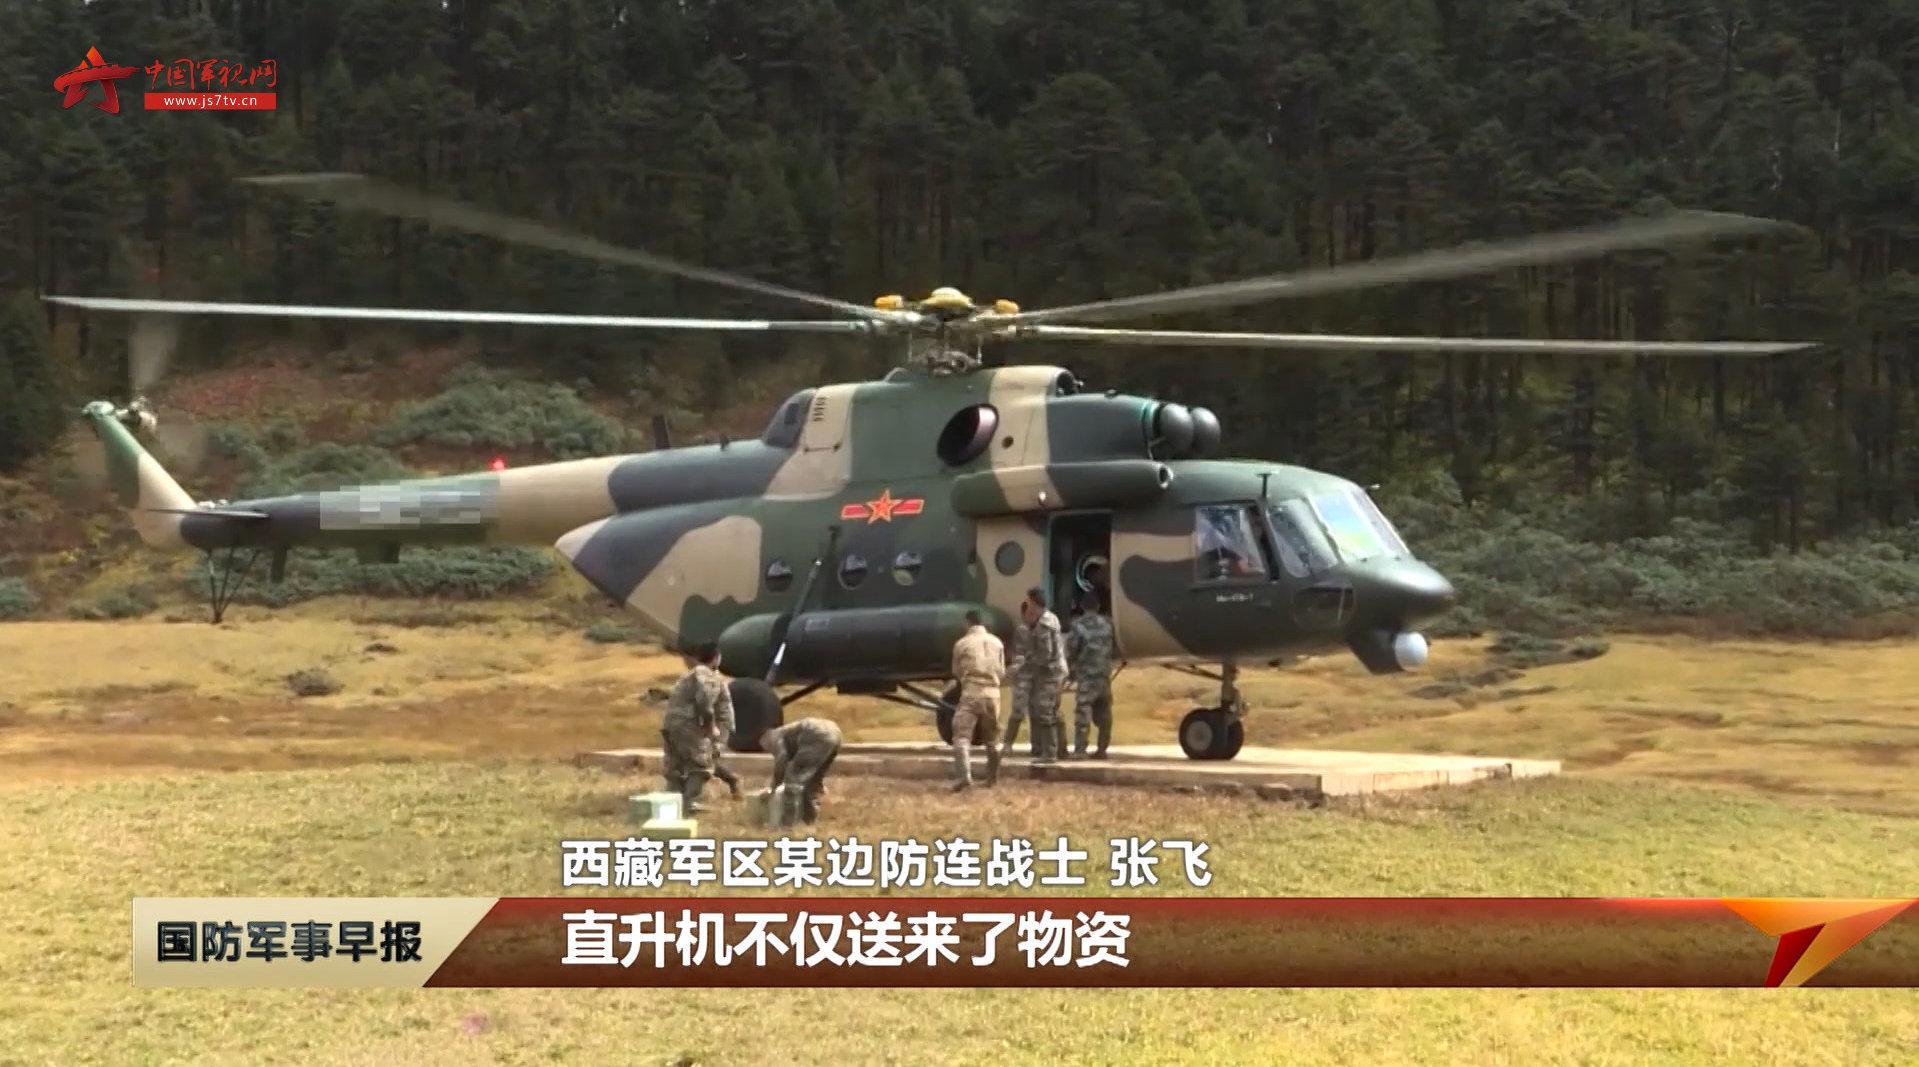 飞跃雪山峡谷送温暖! 首批过冬物资运抵西藏墨脱边防哨卡